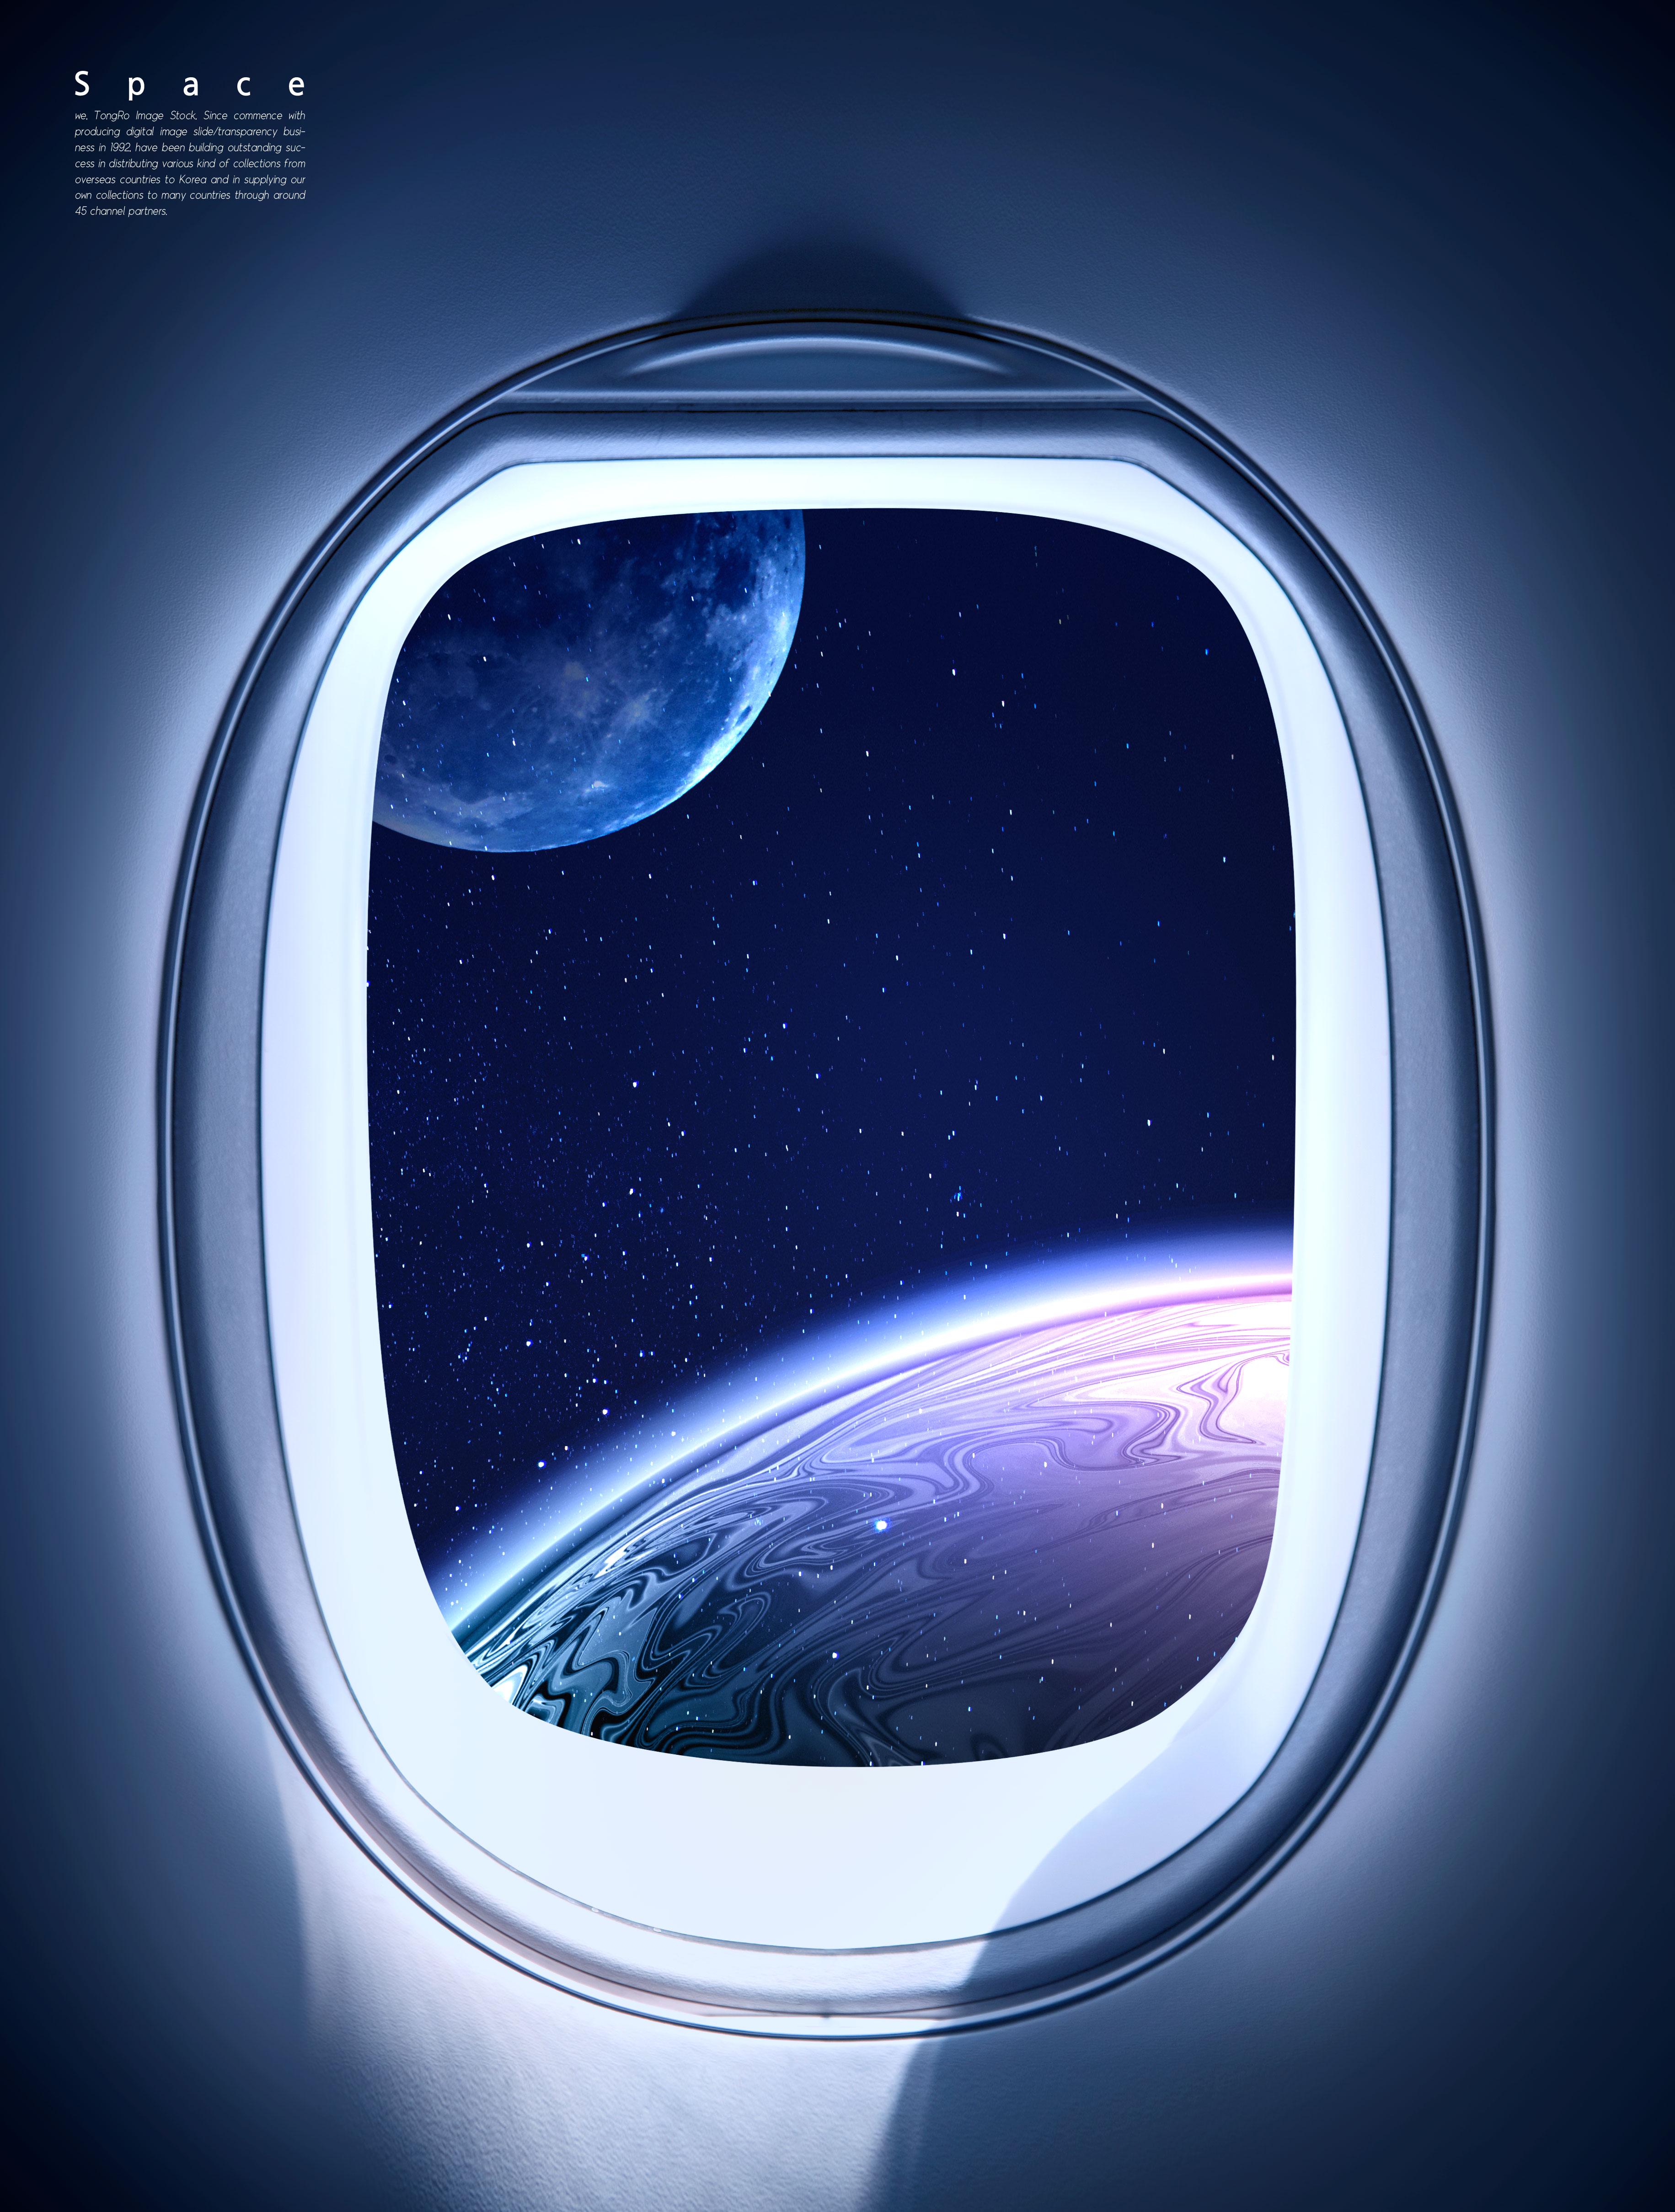 神秘太空飞机窗户流体星球背景图素材designshidai_beijing114